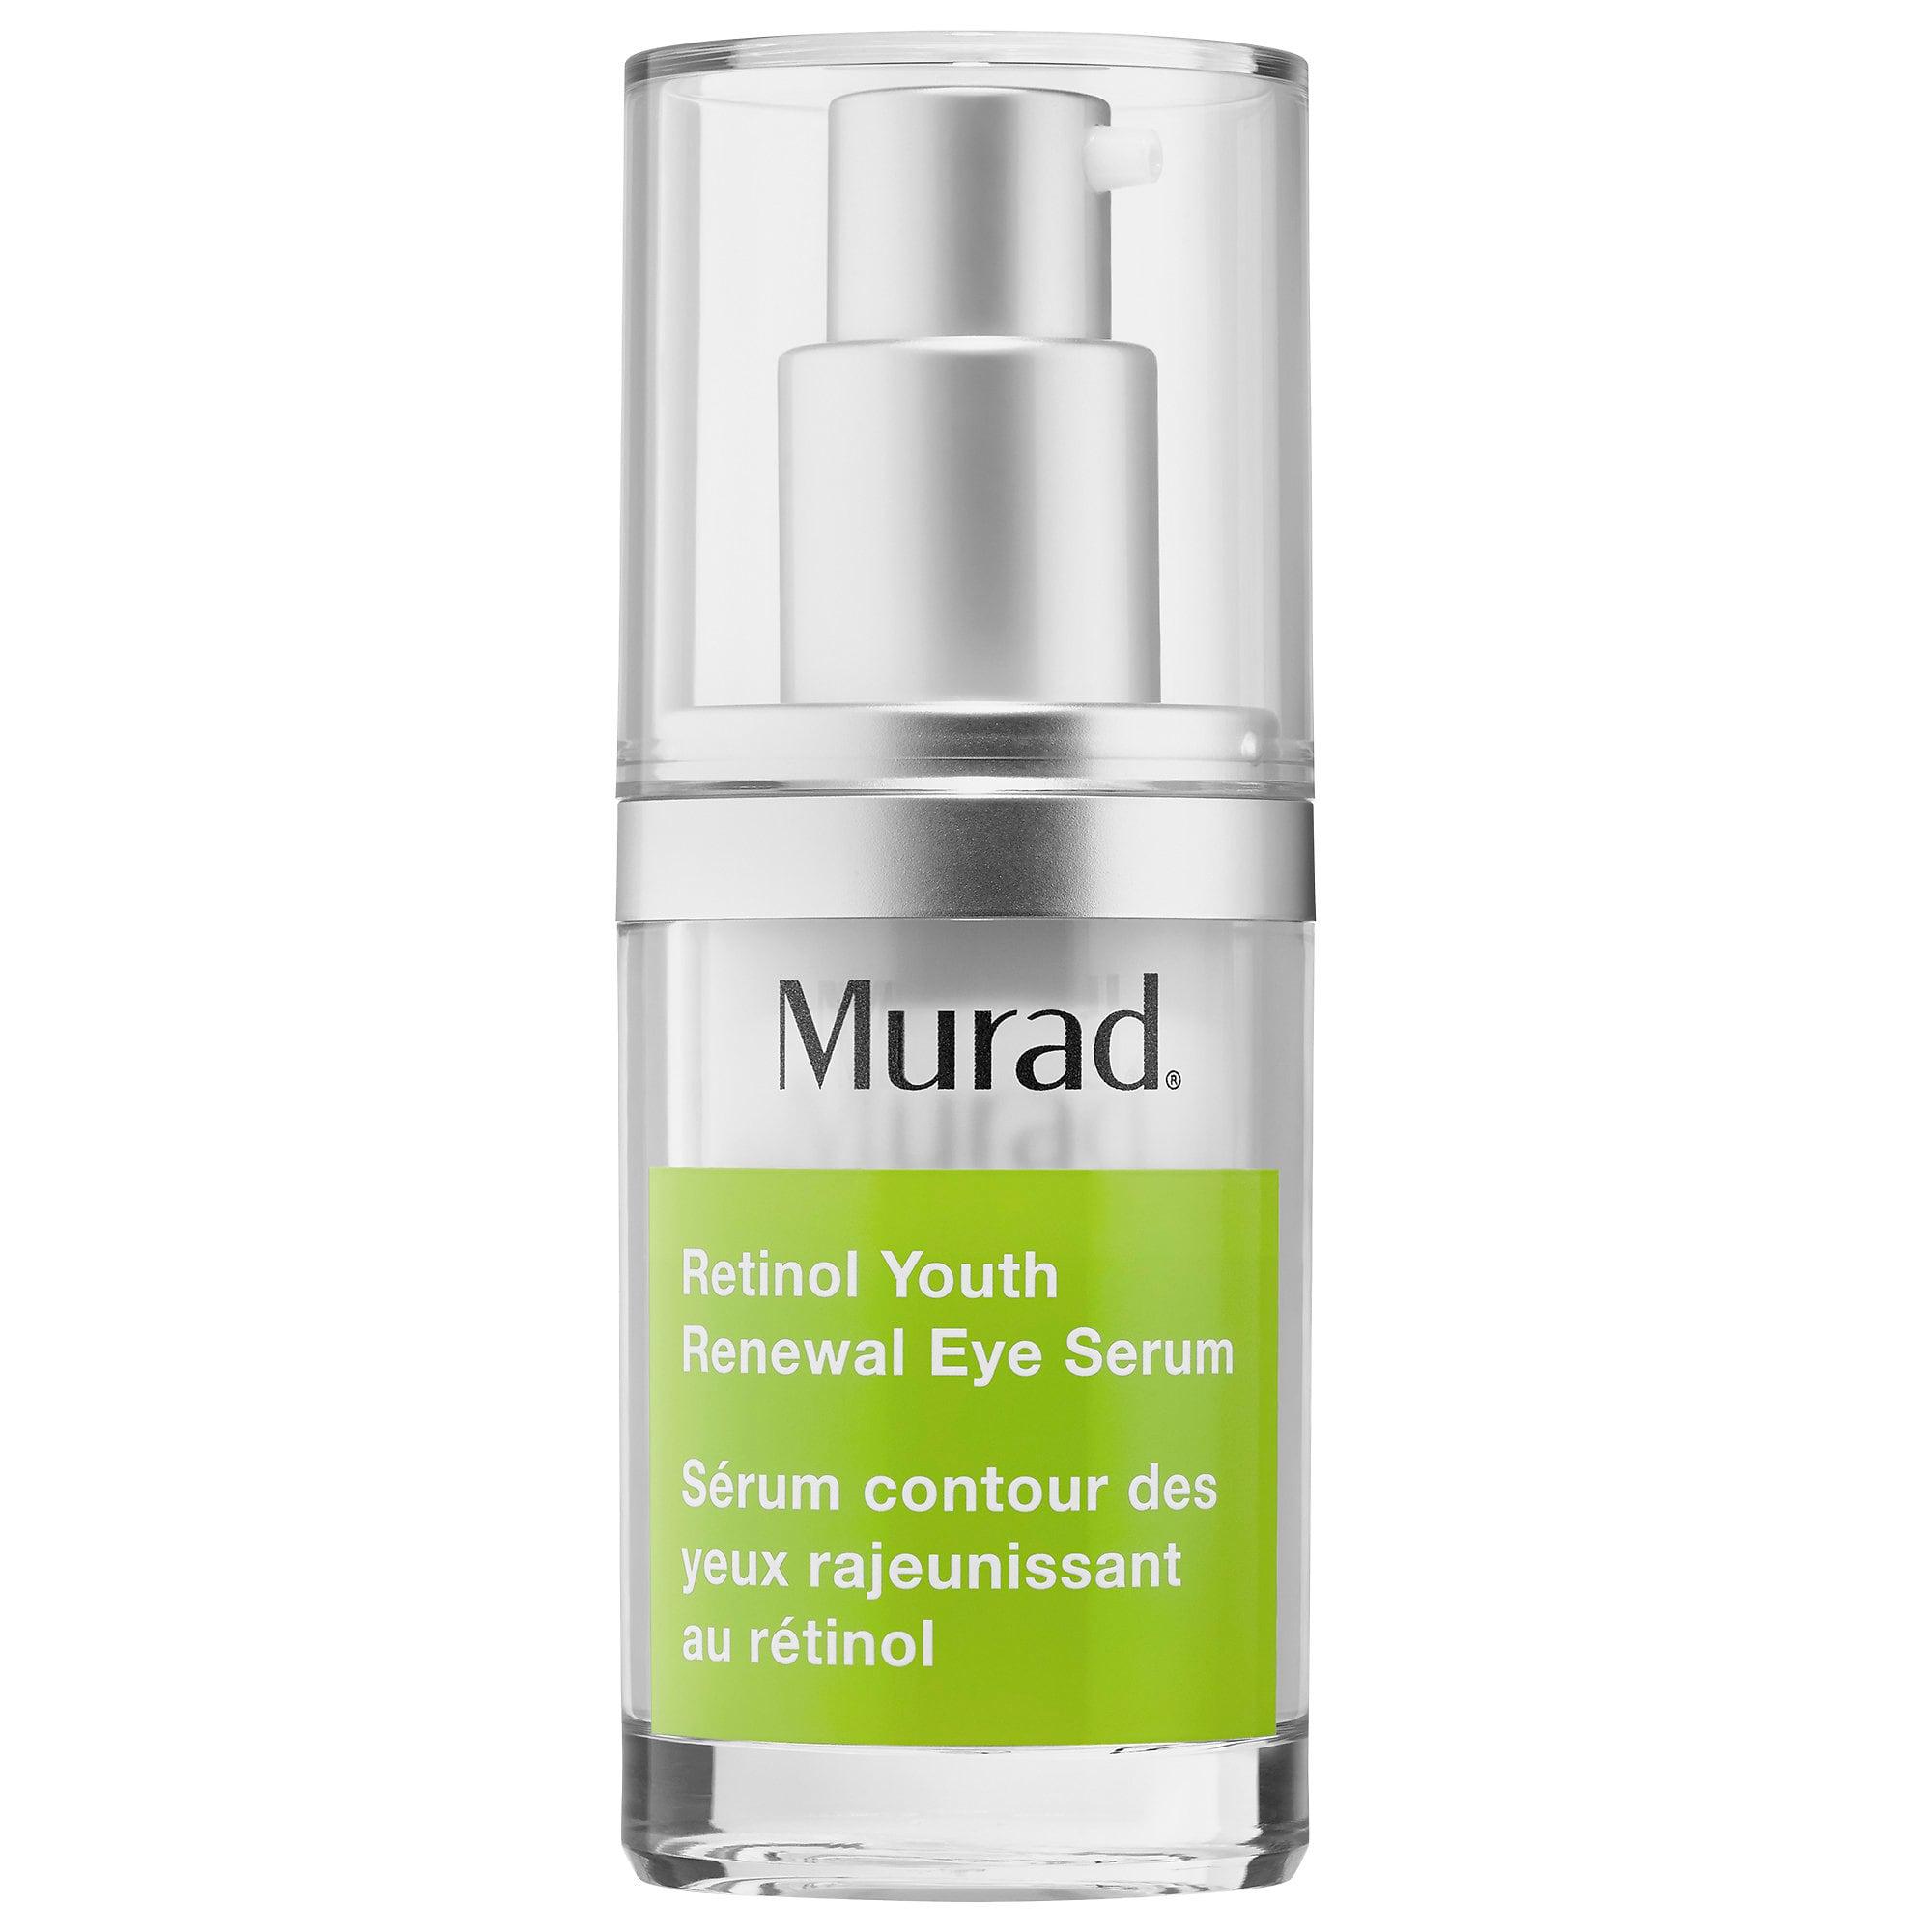 Step 2: MURAD  Retinol Youth Renewal Eye Serum